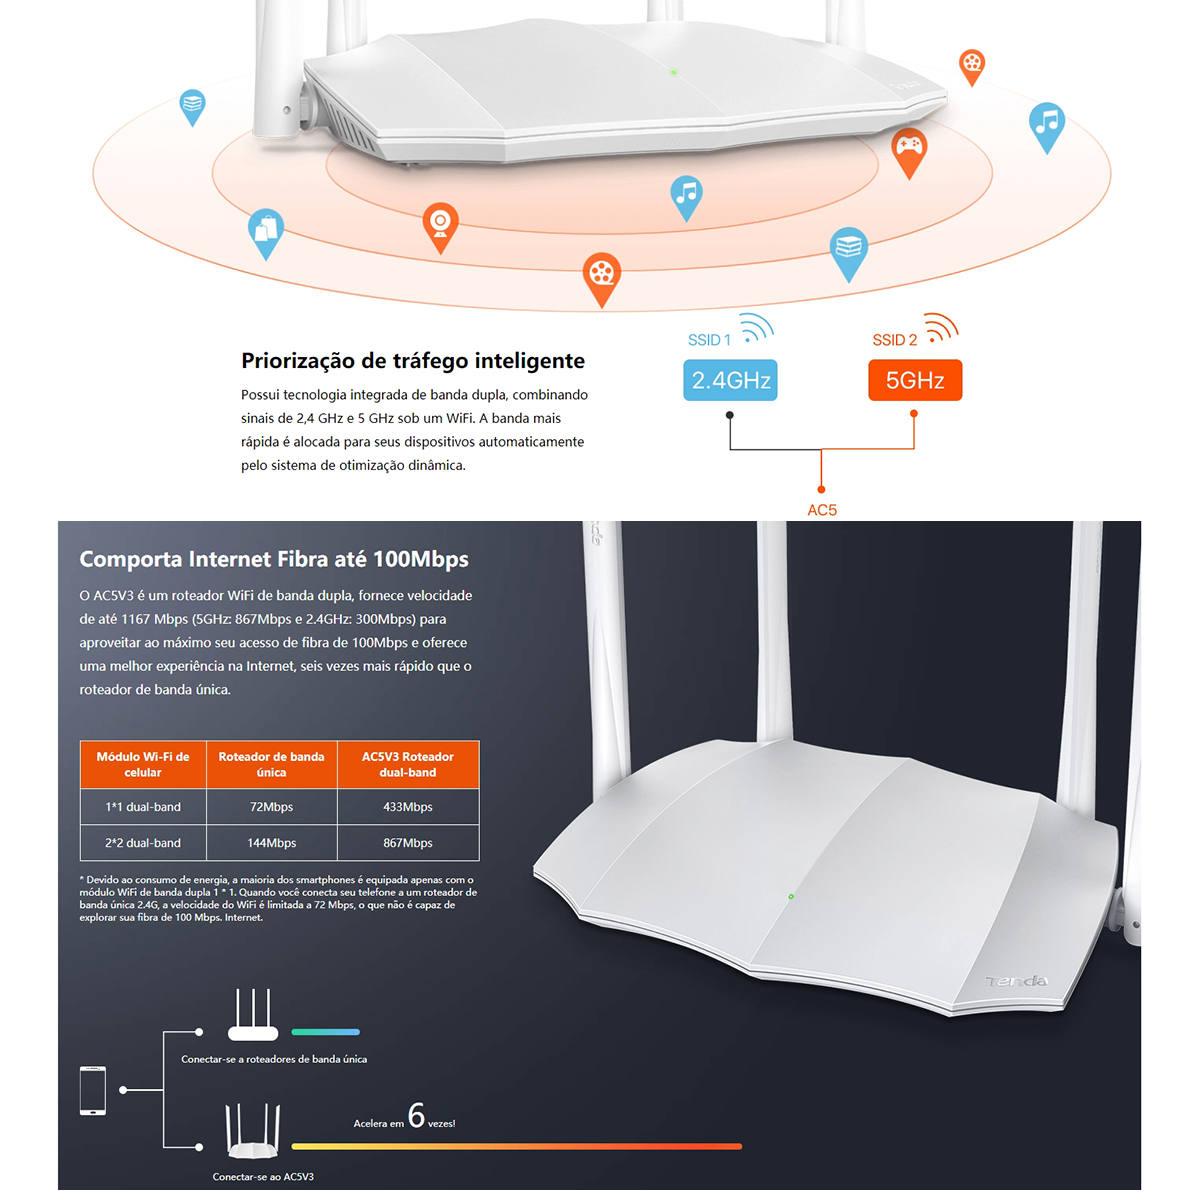 Roteador Wireless AC1200 Dual Band WiFi 4 Antenas High Power 1200Mbps Sem Fio Tenda AC5v3